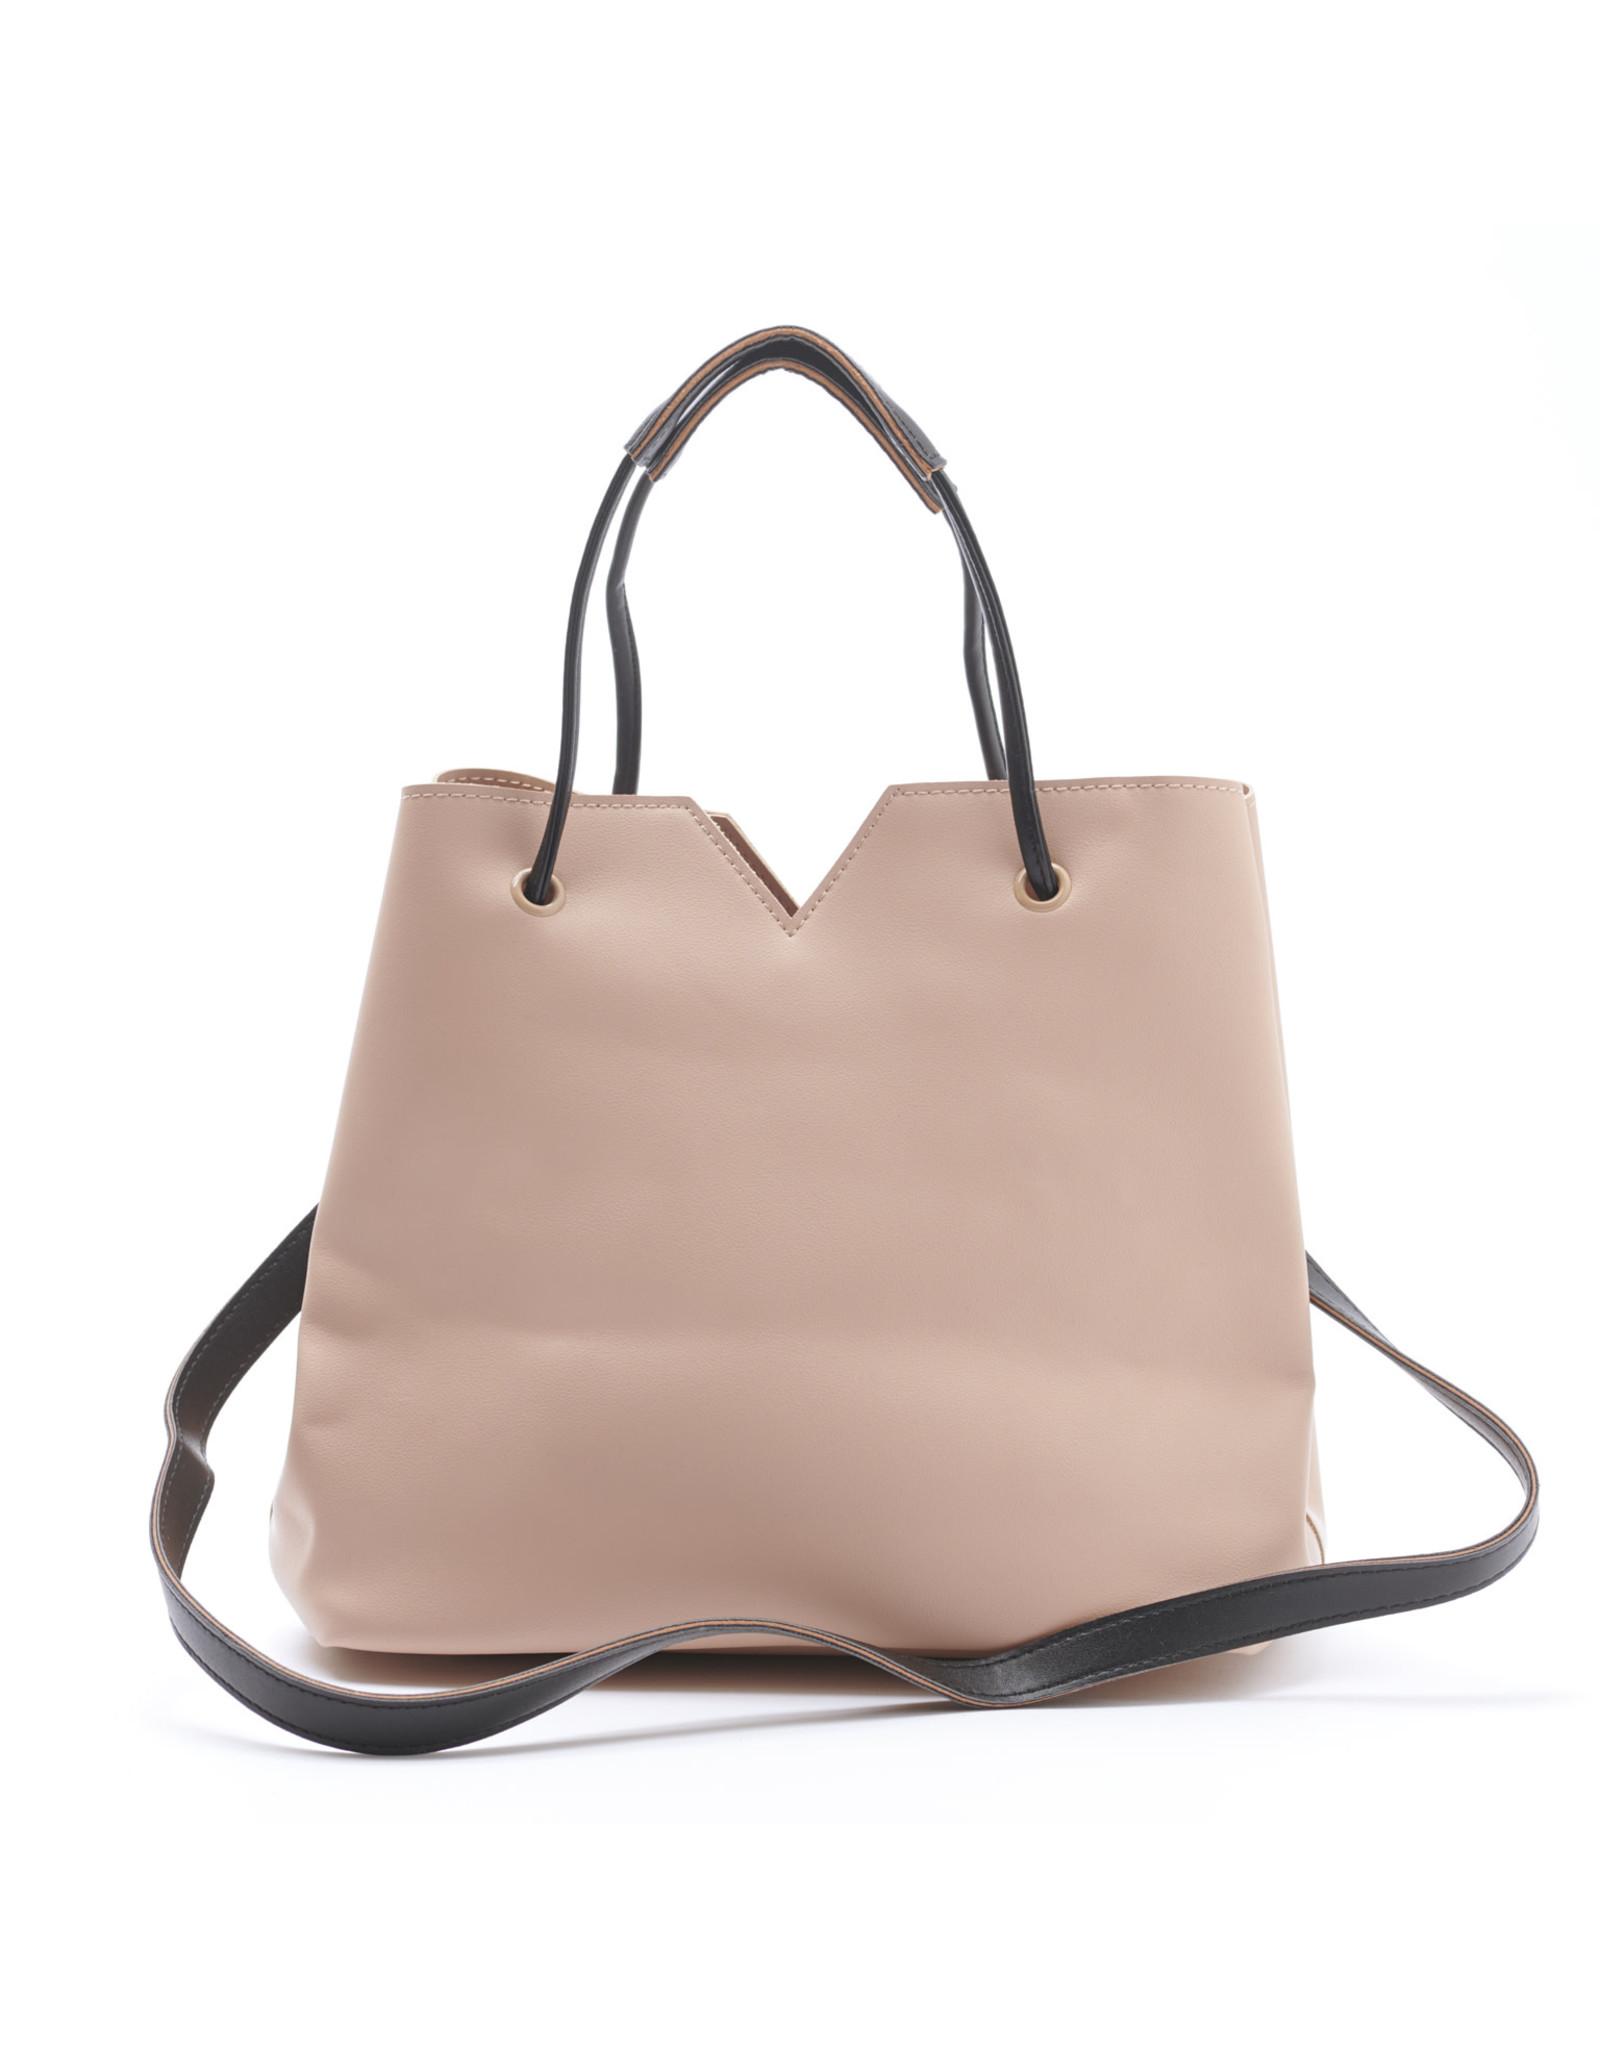 Pixie Mood - Bag Jasmine Tan